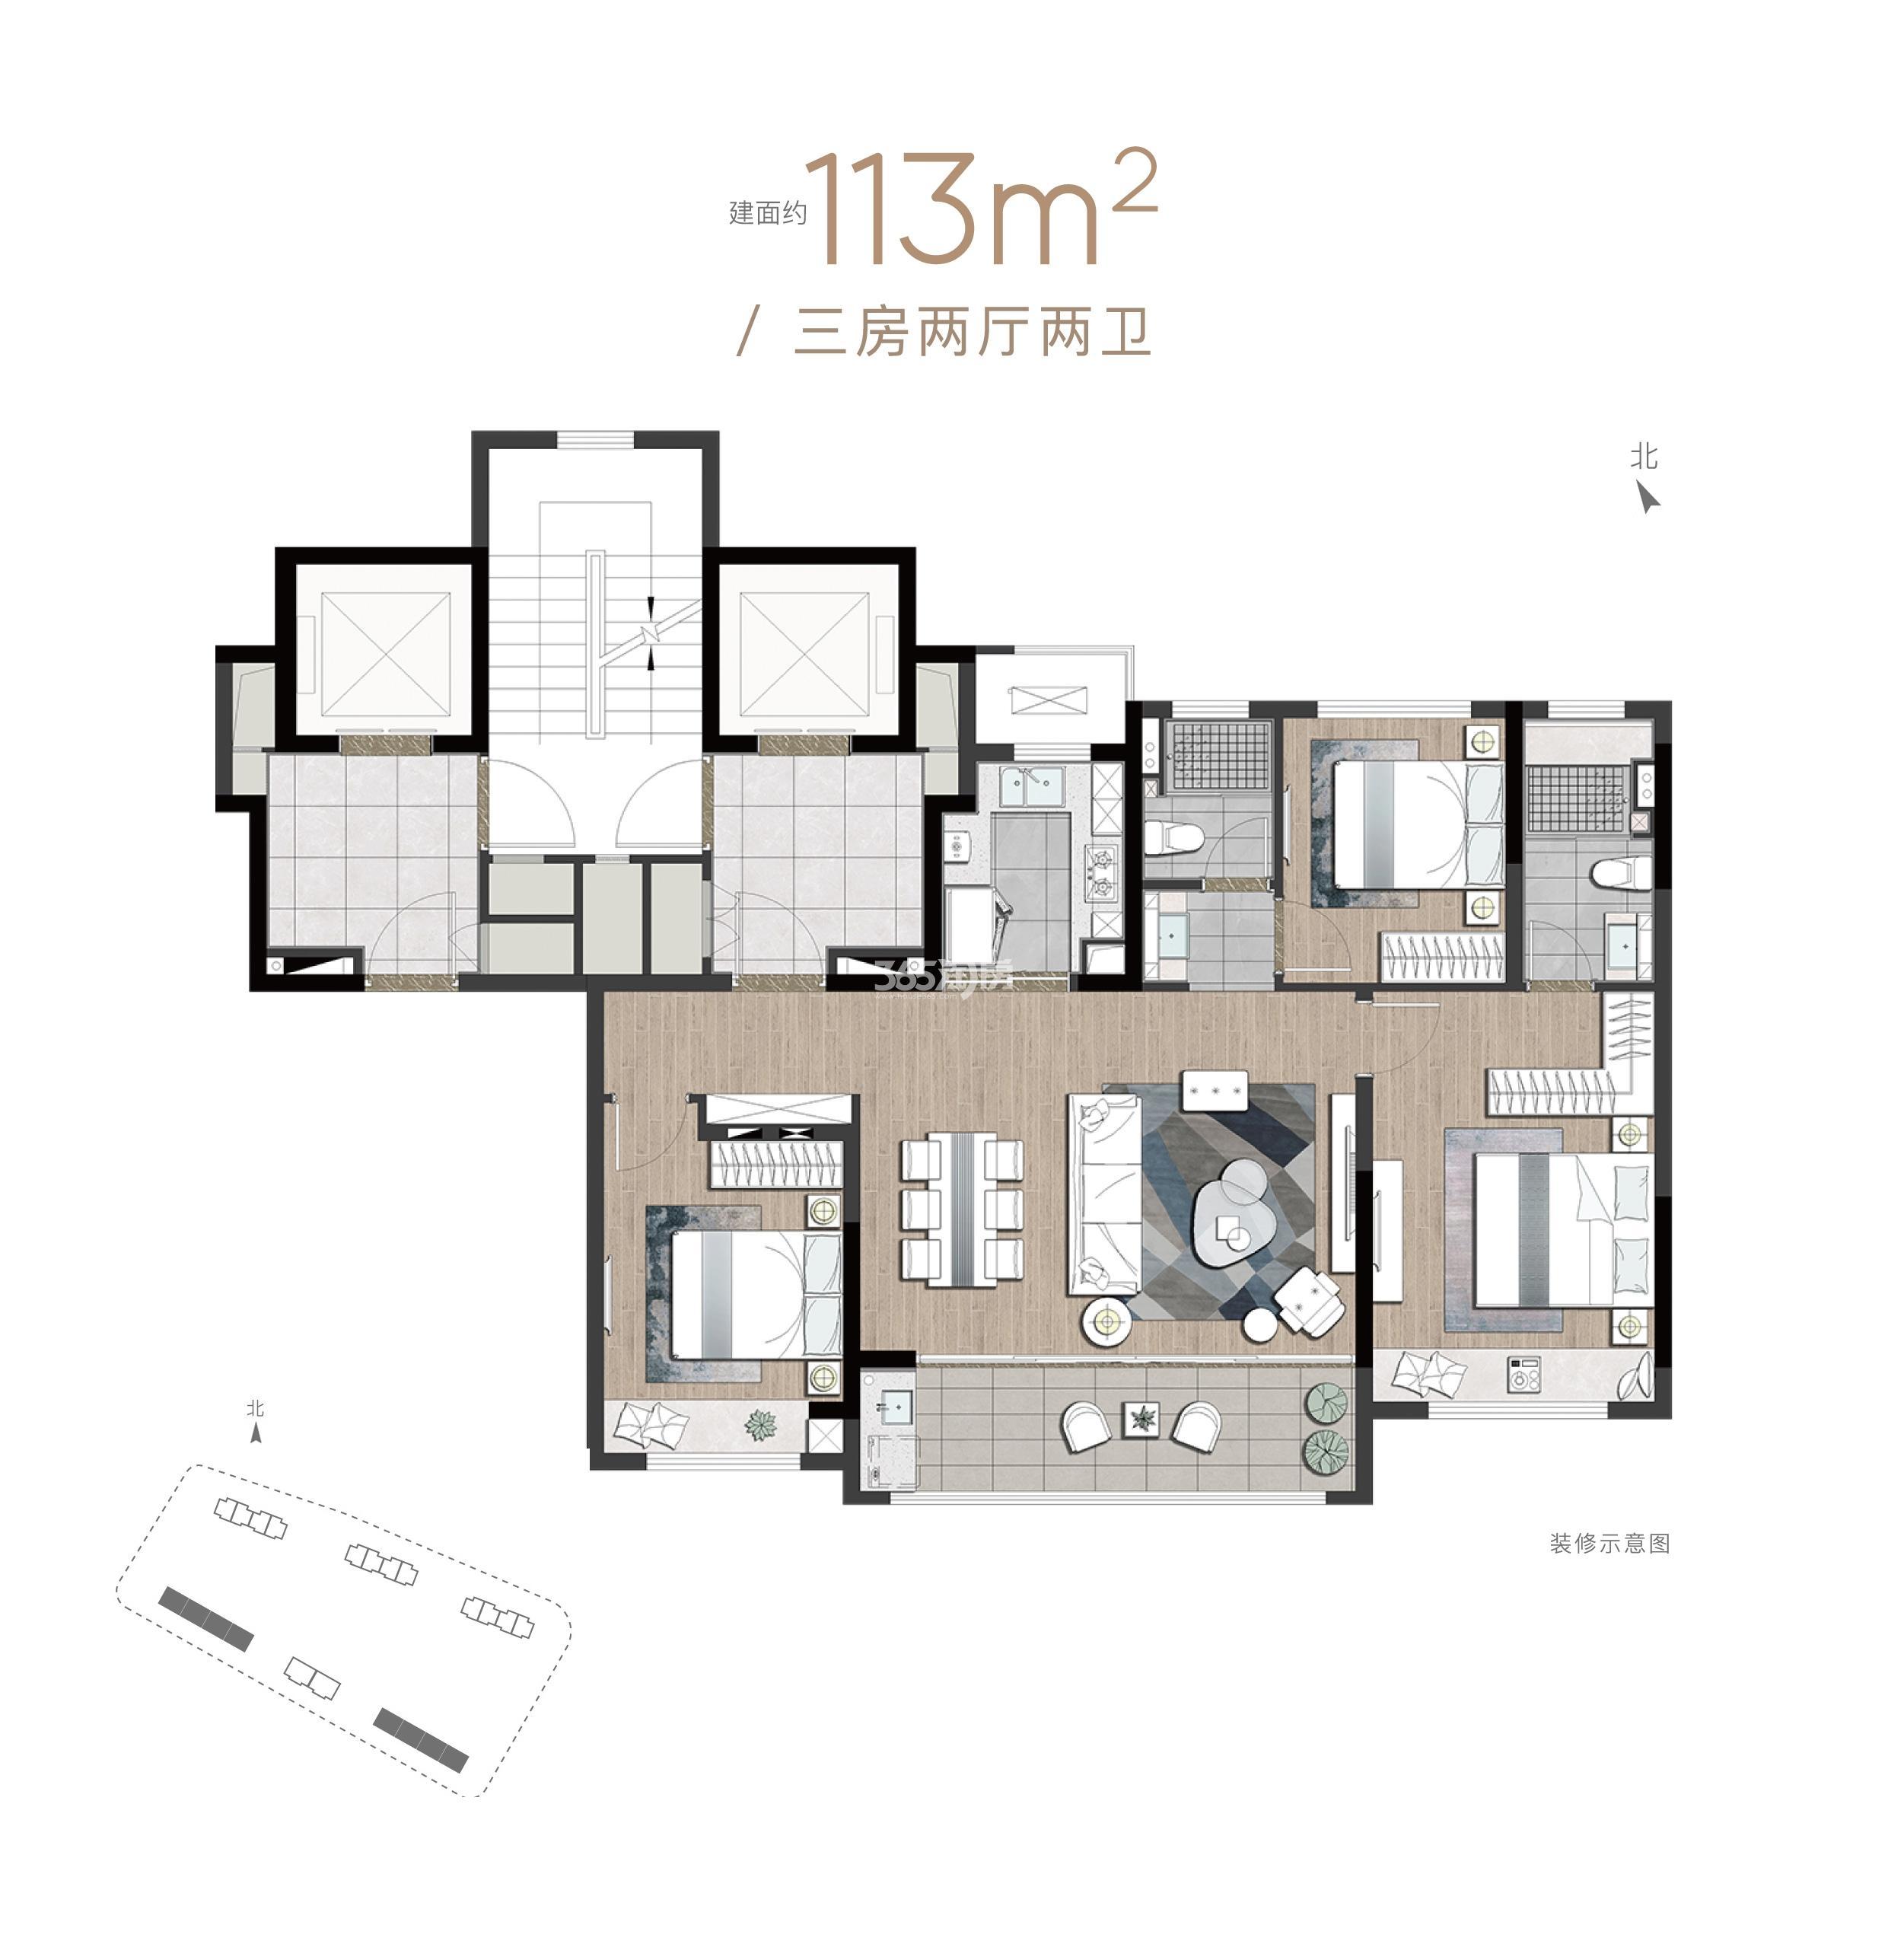 首开万科江悦光年113㎡三室两厅两卫户型